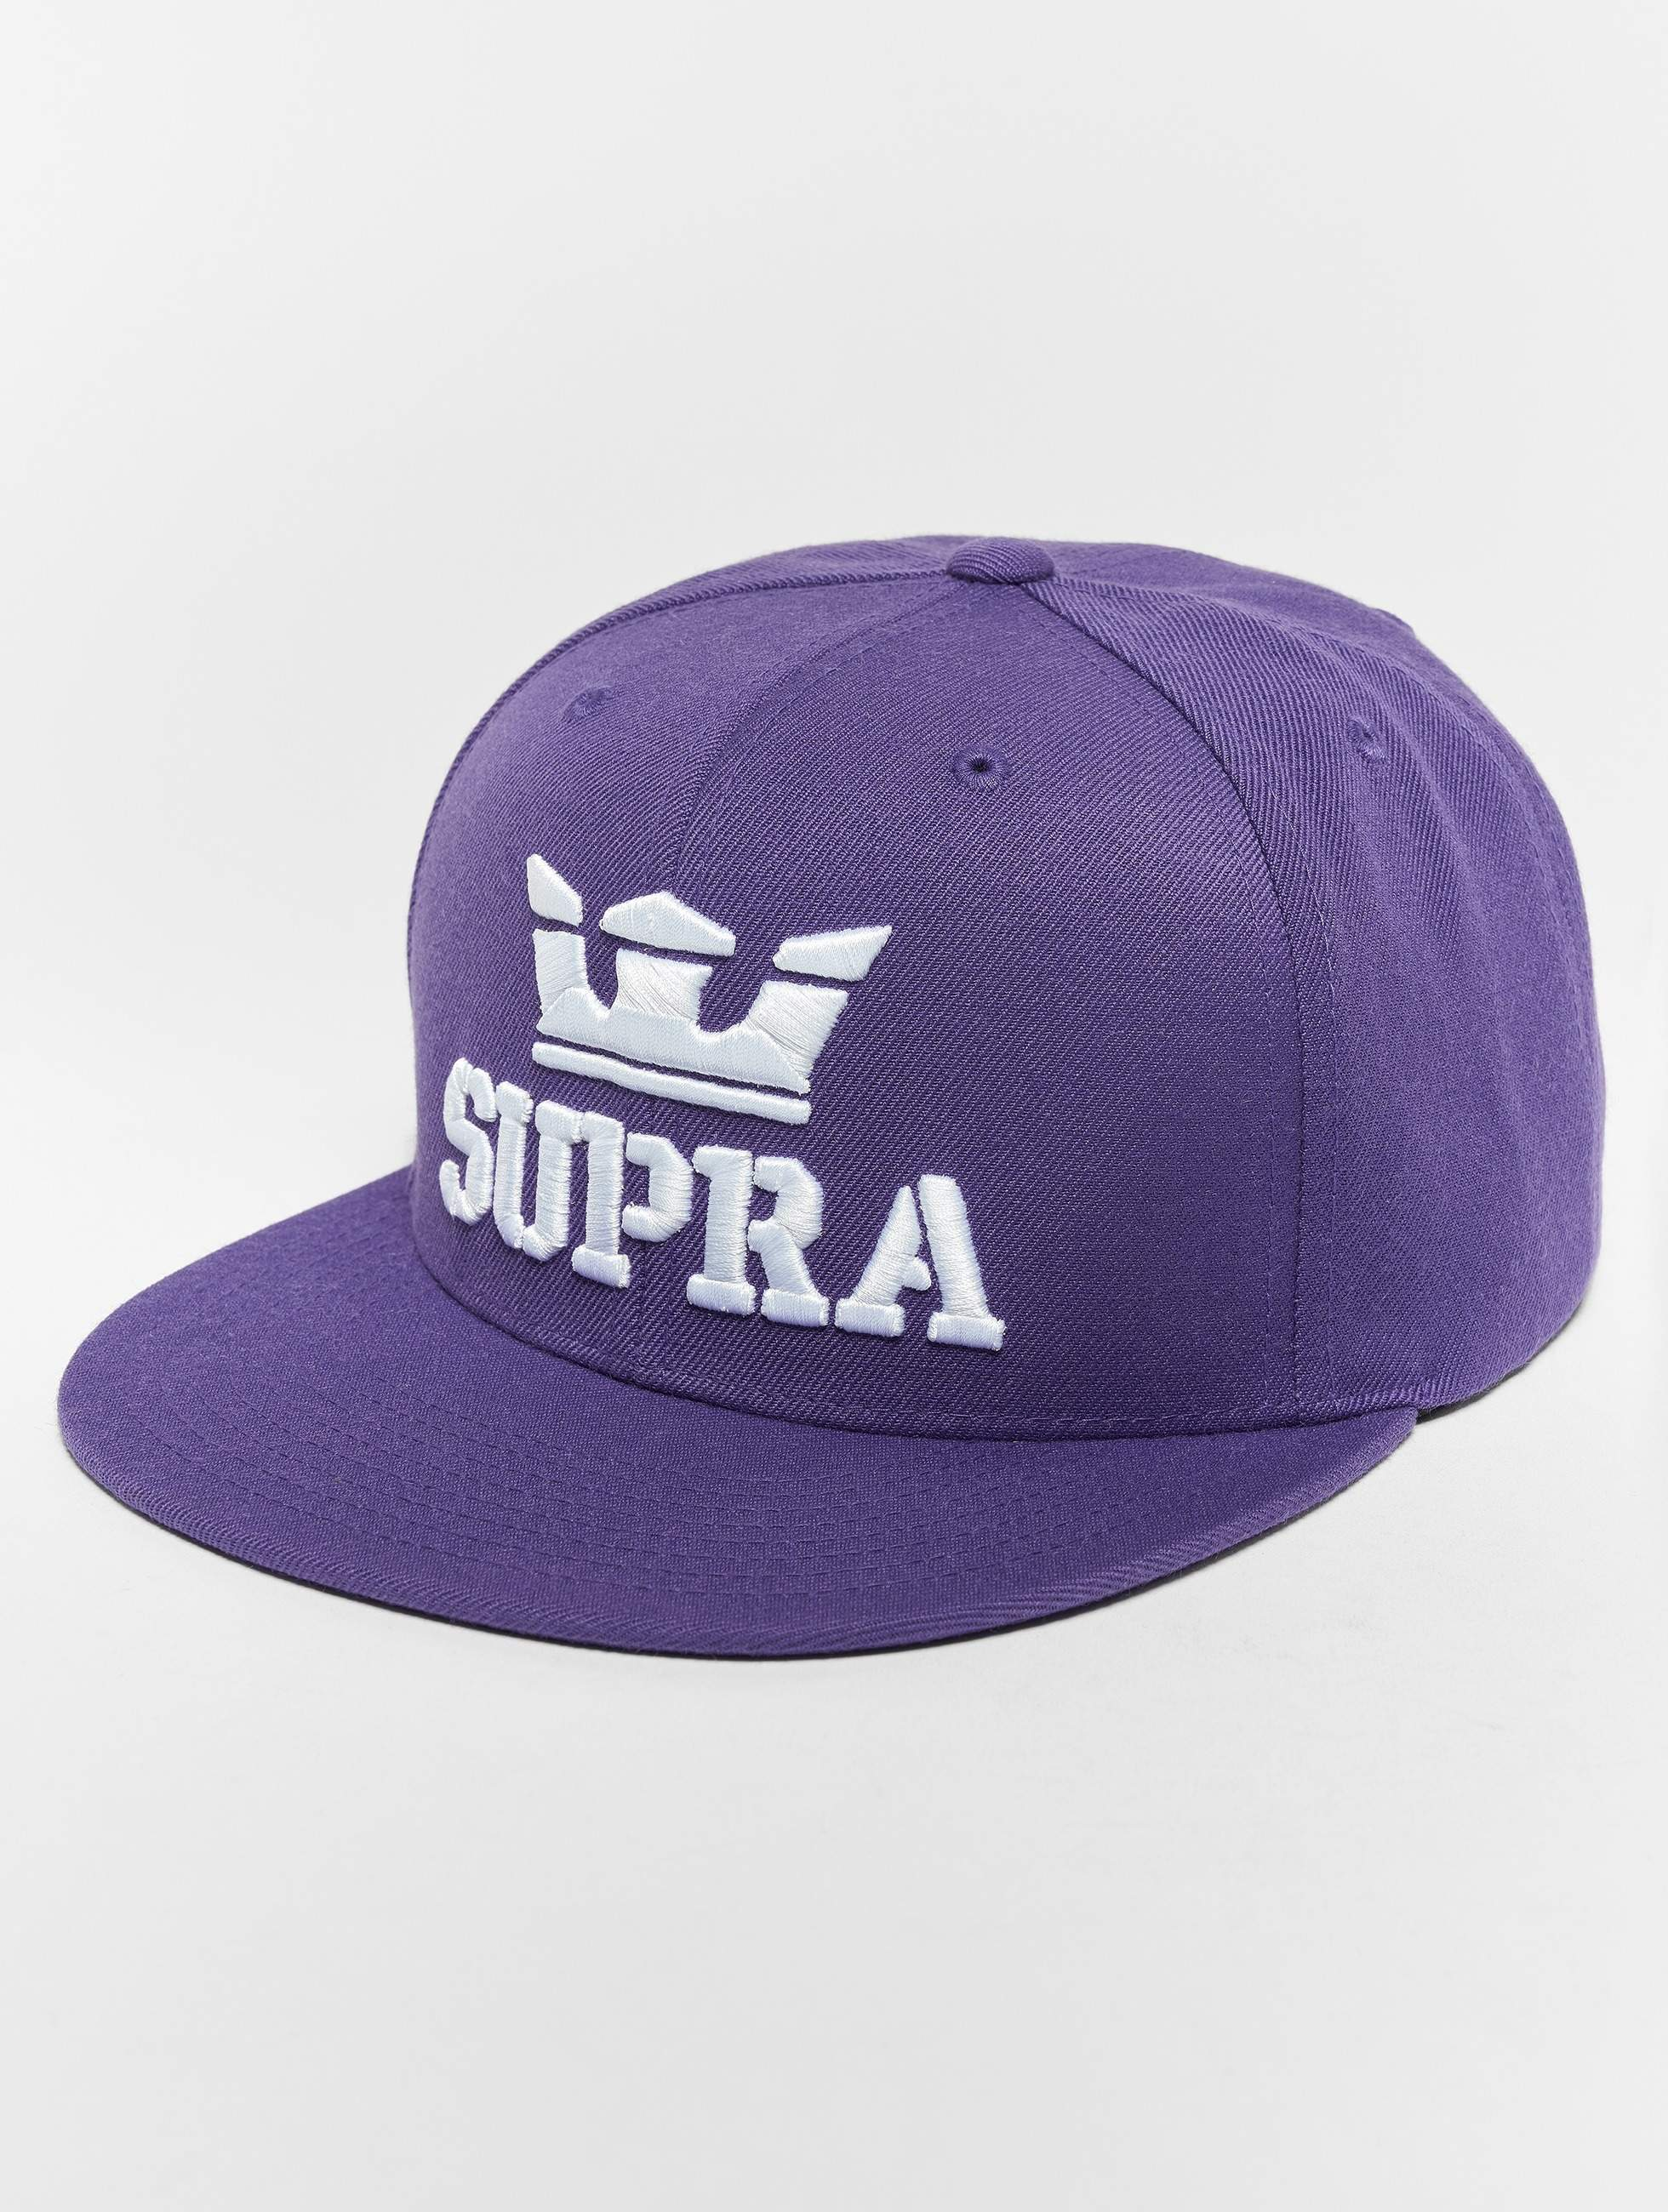 Supra   Above pourpre Homme Casquette Snapback & Strapback